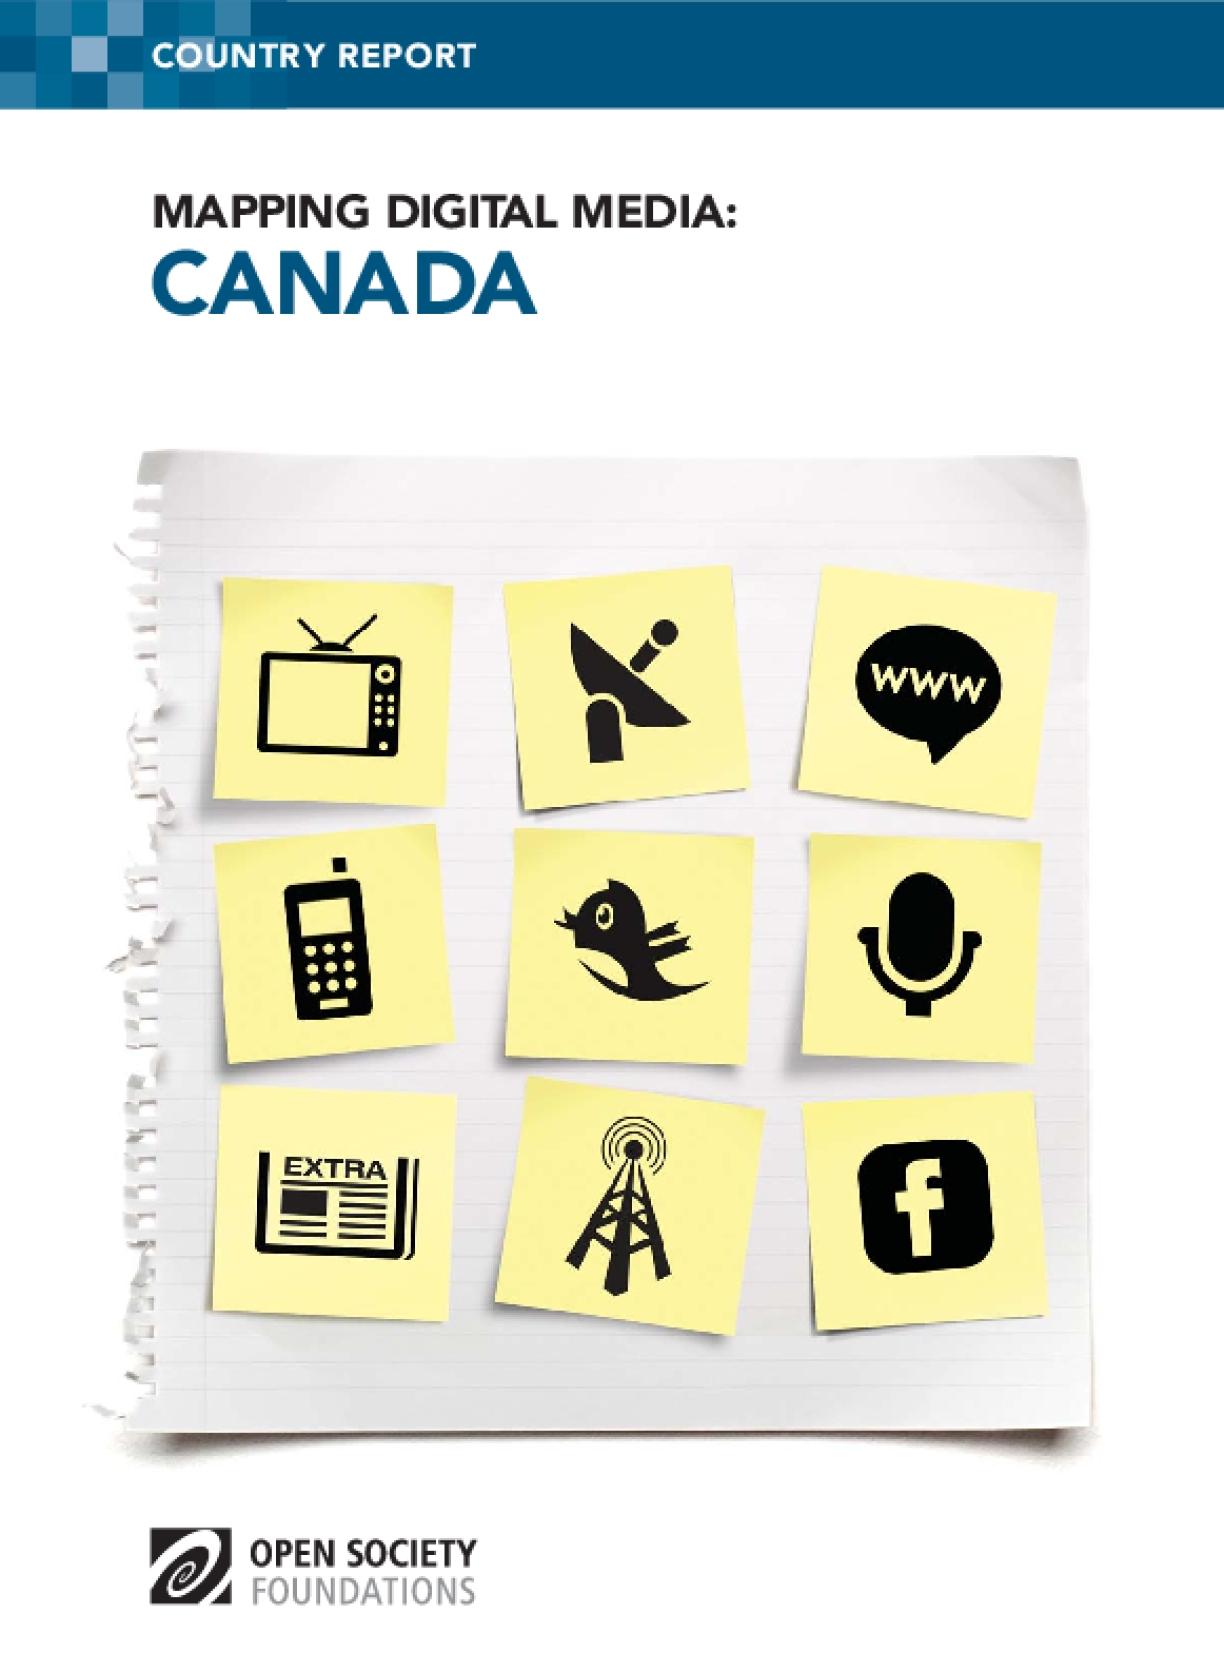 Mapping Digital Media: Canada